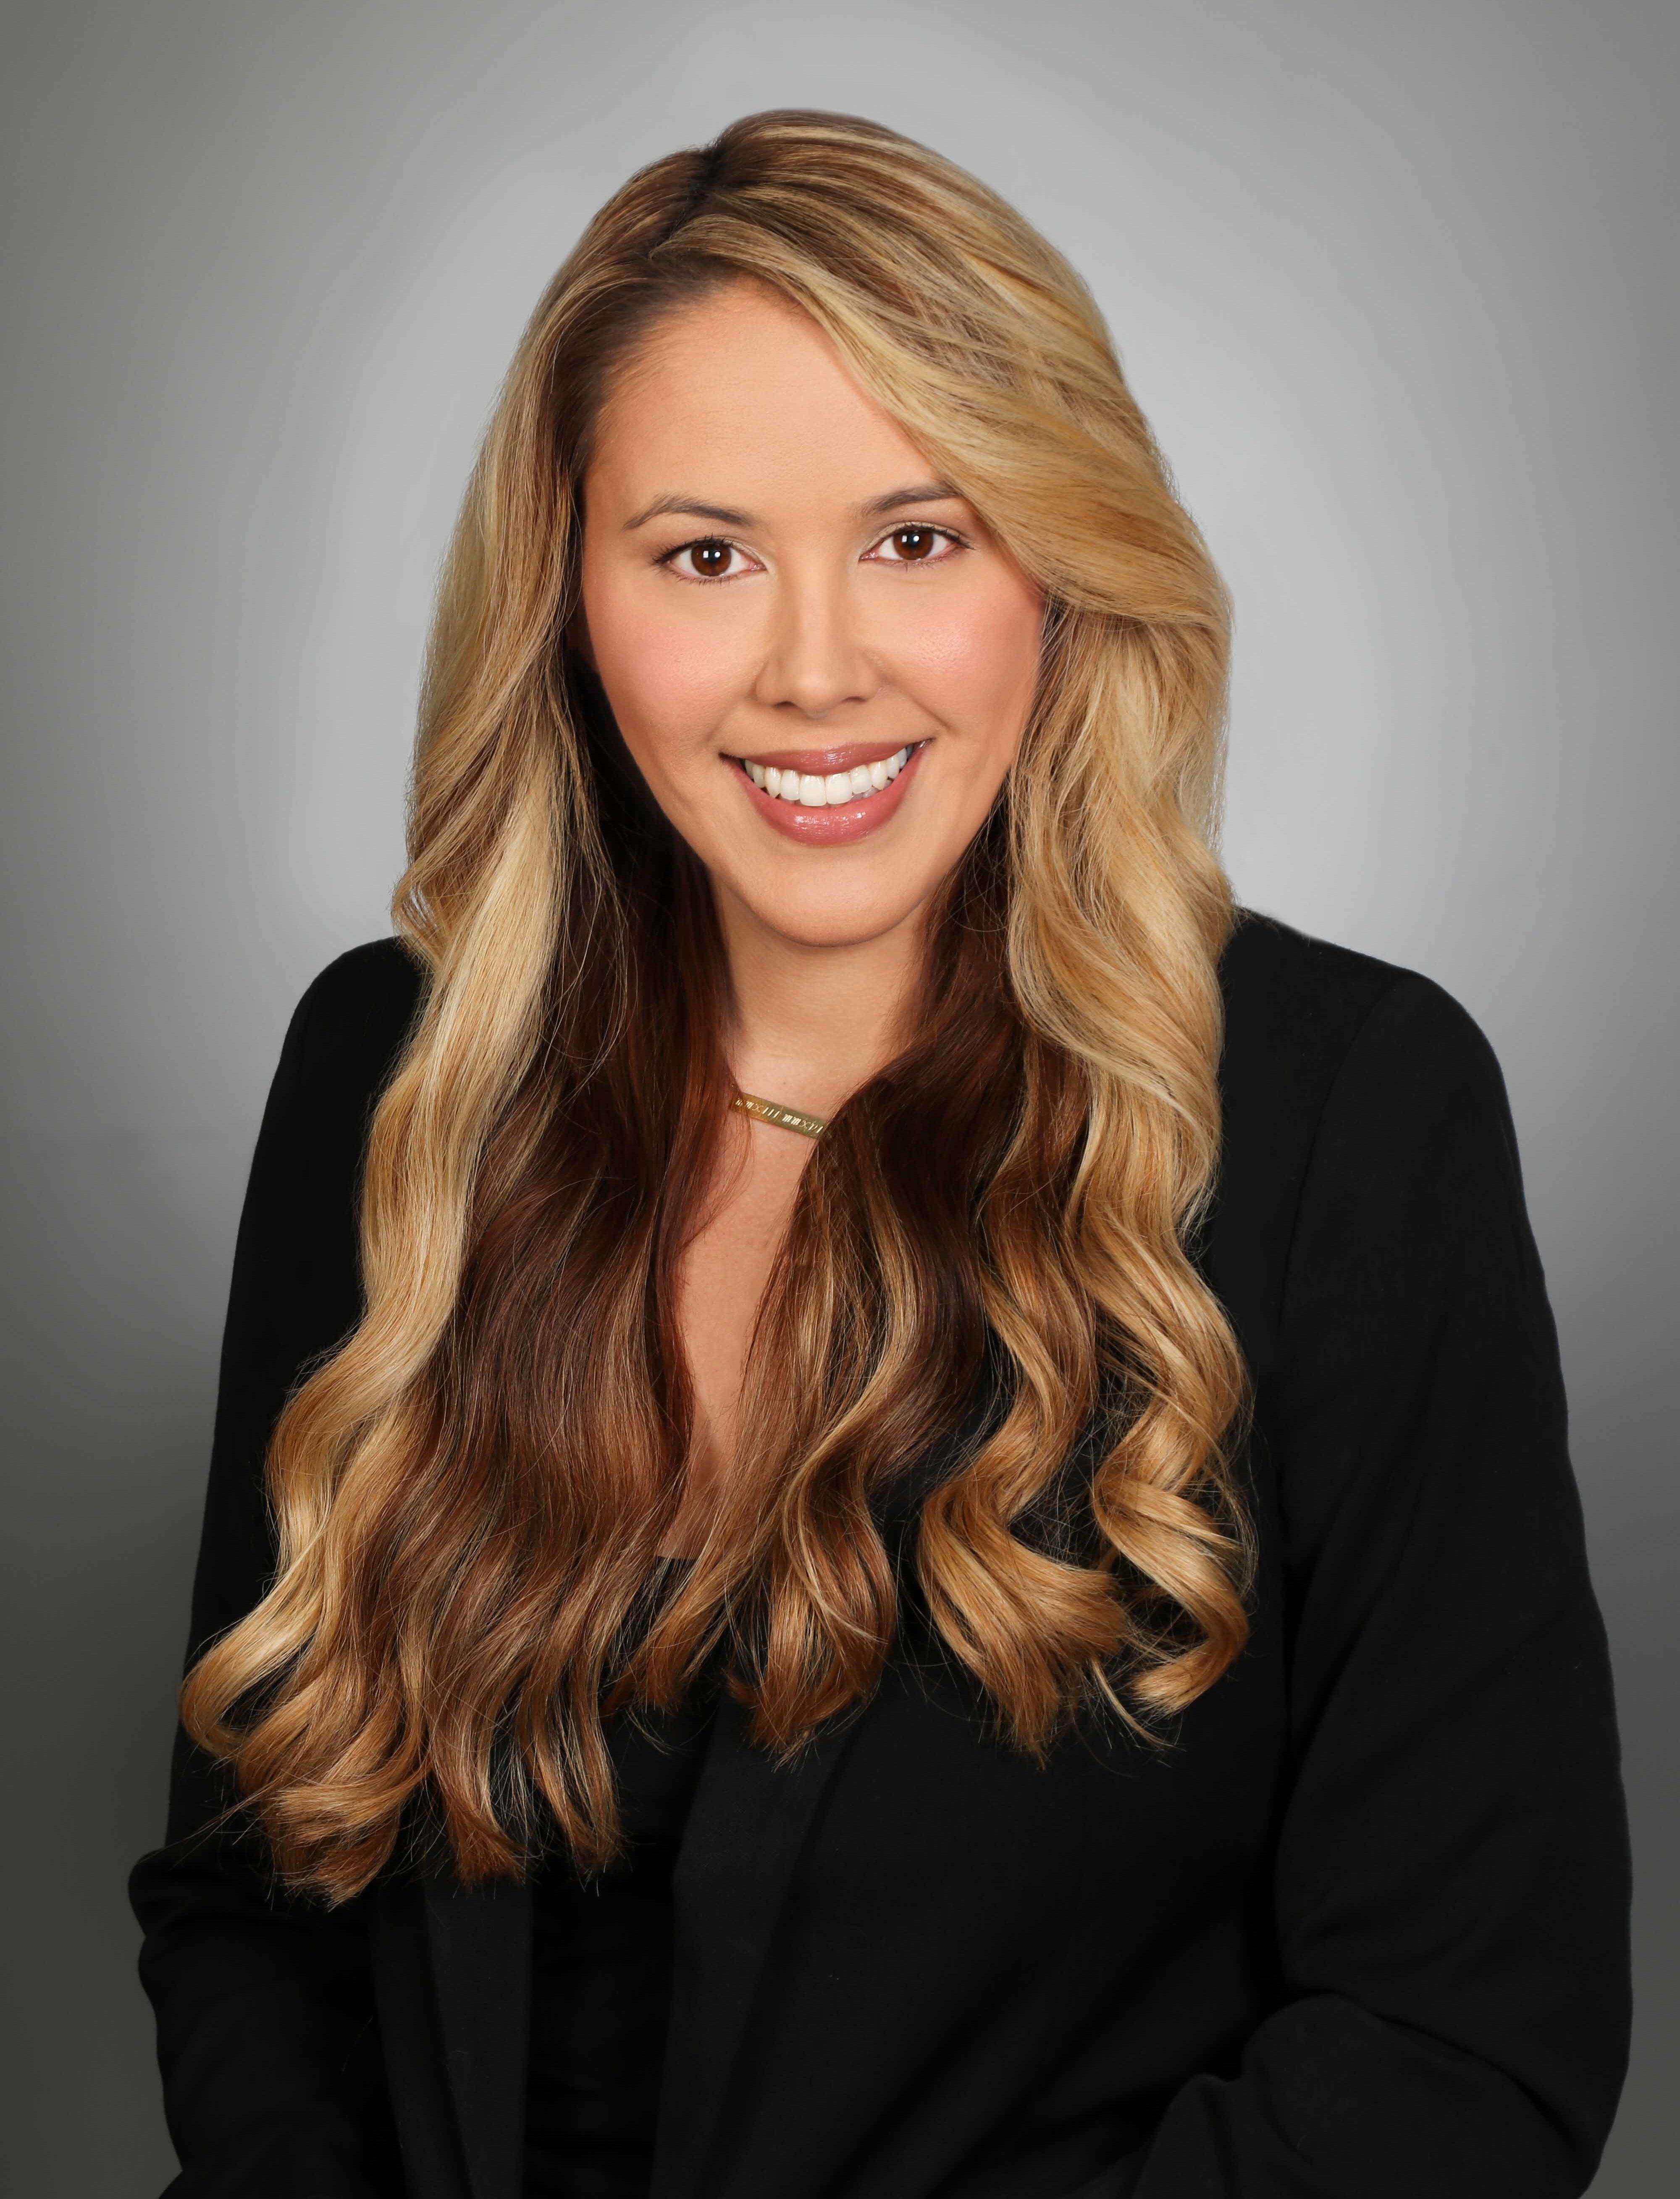 Jessica Sprague, CPA, MBT